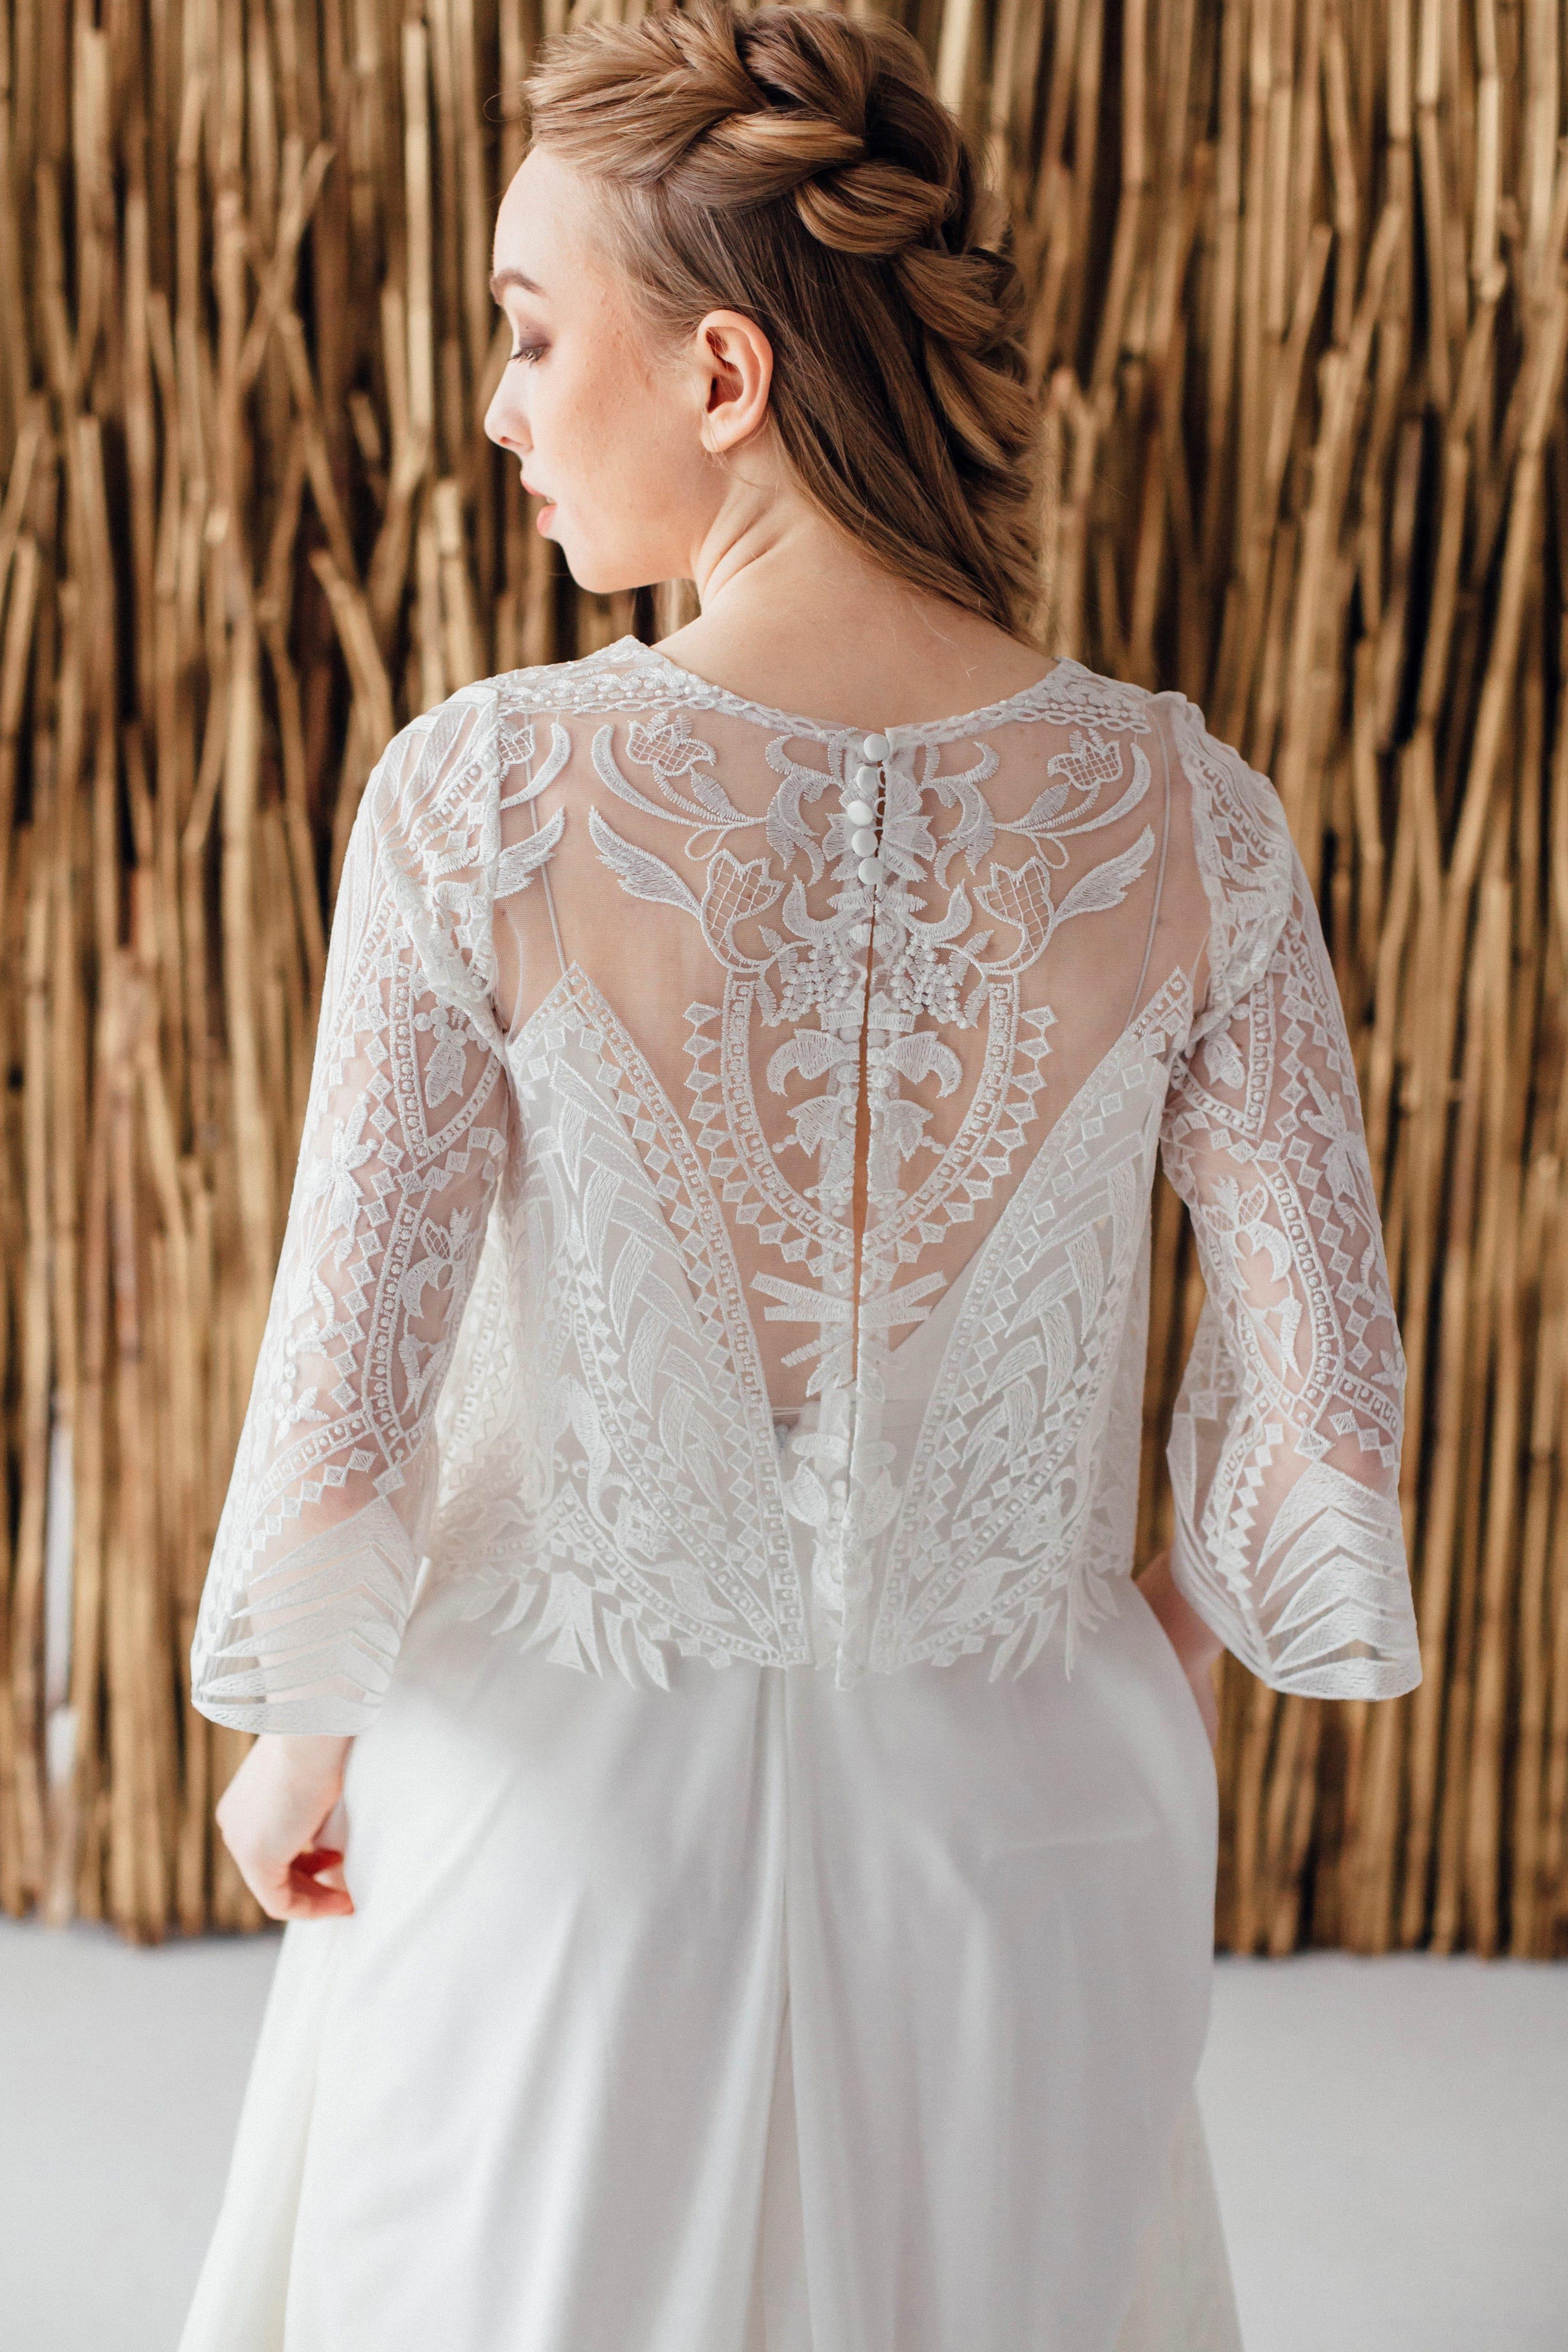 Свадебное платье CHRIS, коллекция MAGIC OF TENDERNESS, бренд LORA SONG, фото 2